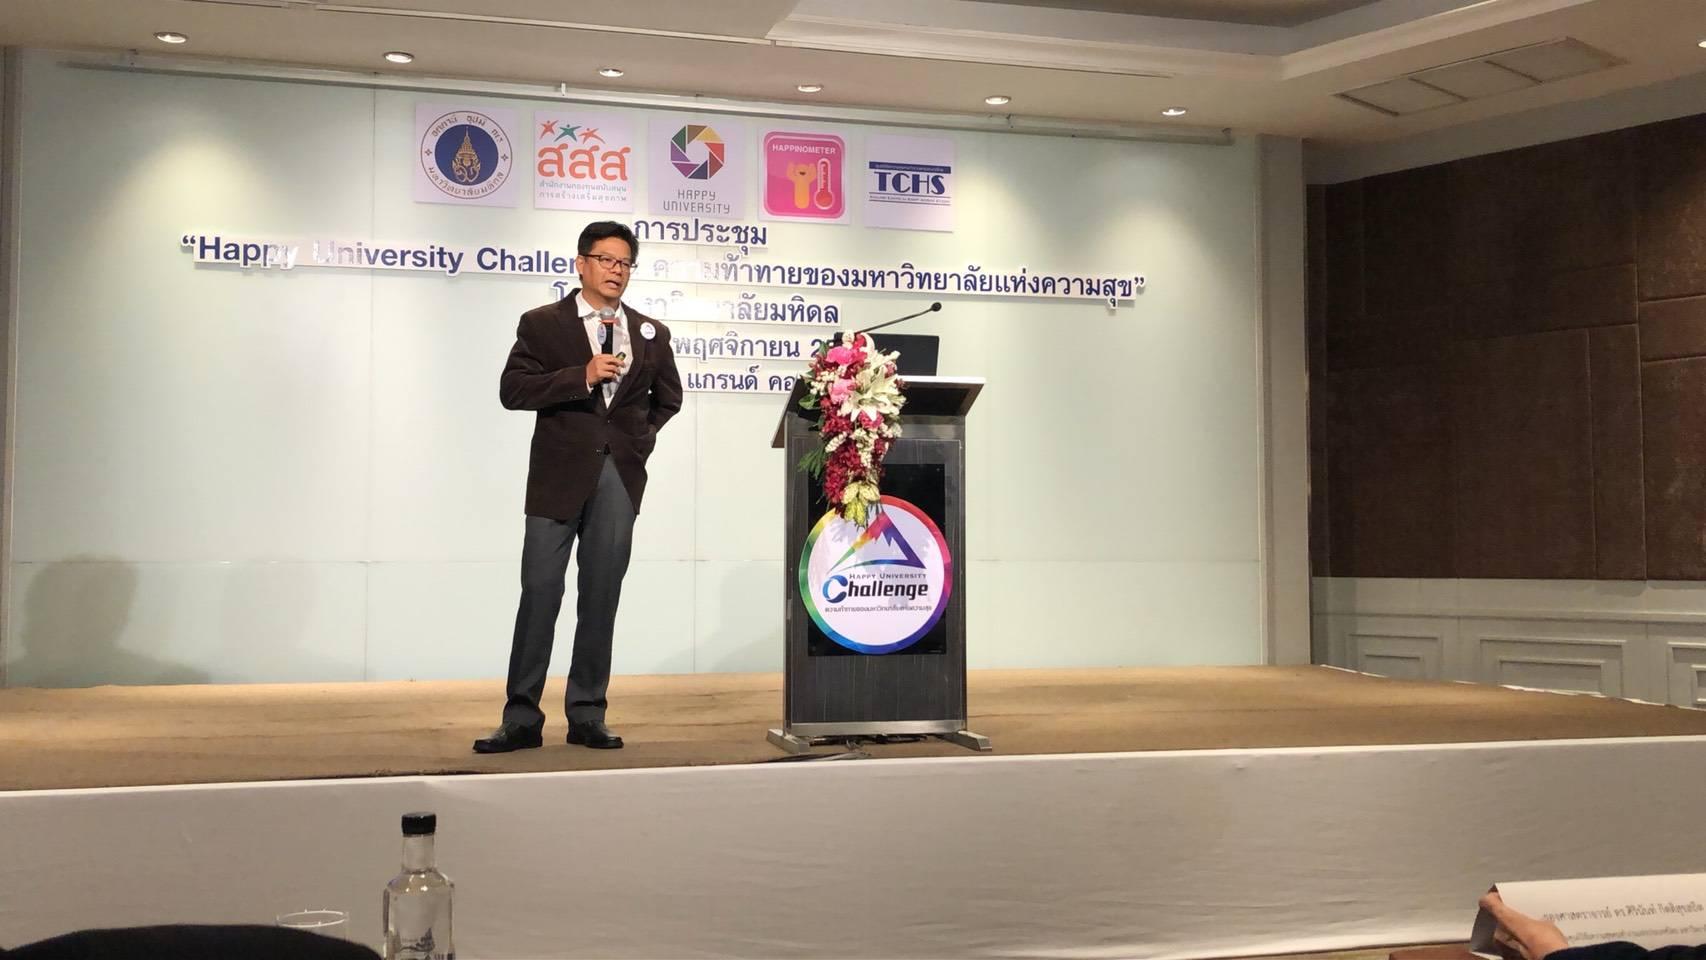 เปิดเวทีแชร์ความท้าทายพัฒนานักสร้างสุของค์กร  thaihealth